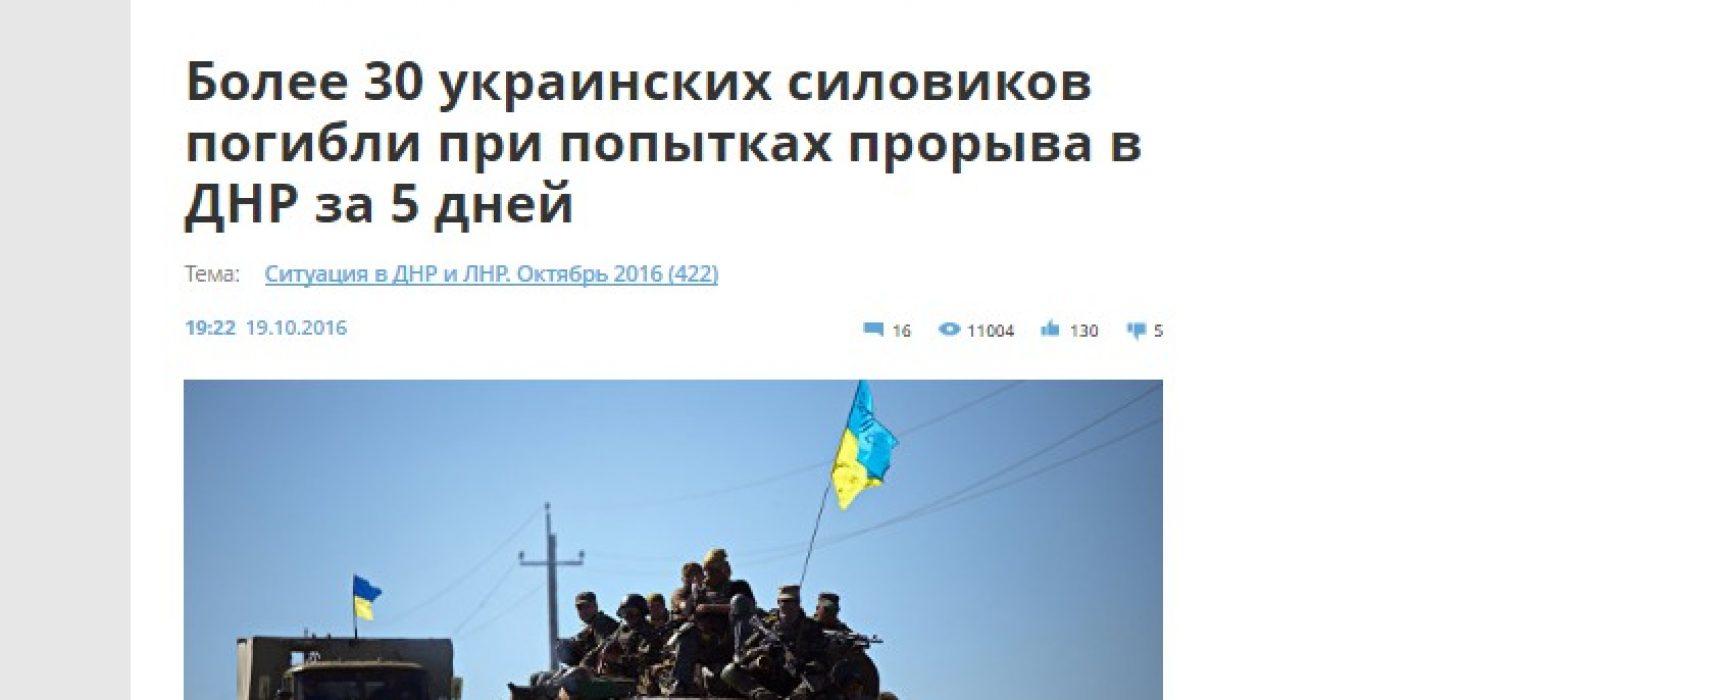 Как в так называемой «ДНР» считают погибших и раненых украинских военных